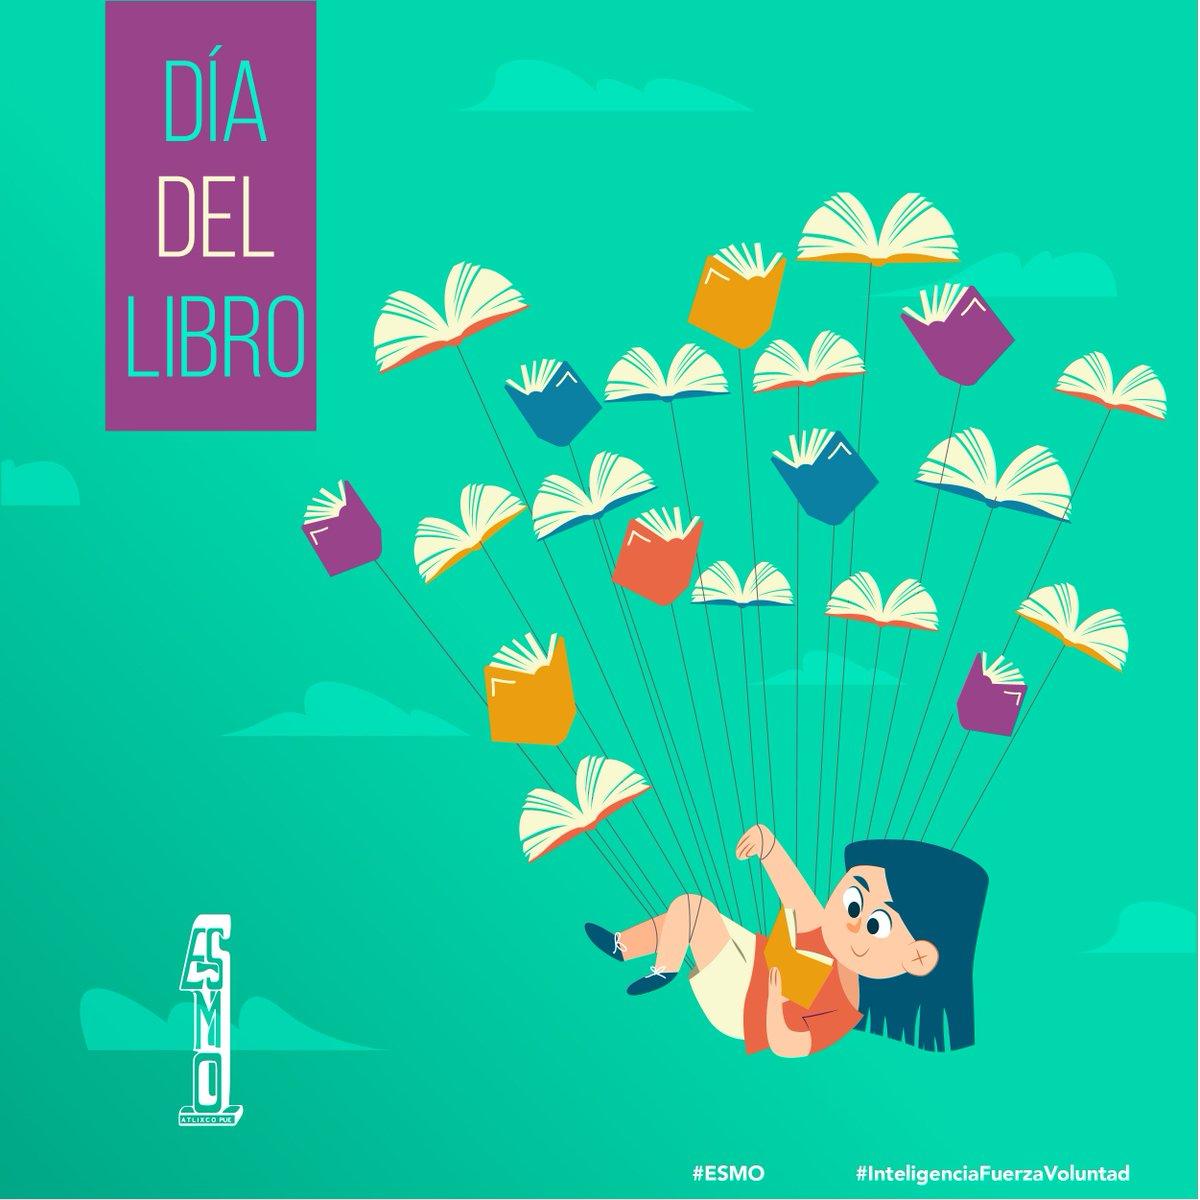 📚 12 de noviembre #DíaNacionalDelLibro 📖  En México se leen en promedio 3.8 libros al año por persona, pero sólo 2 de cada 10 lectores comprende totalmente el contenido que leyó.   #ESMO #InteligenciaFuerzaVoluntad #Atlixco #Puebla #EducaciónBásica #AccionesPorLaEducación